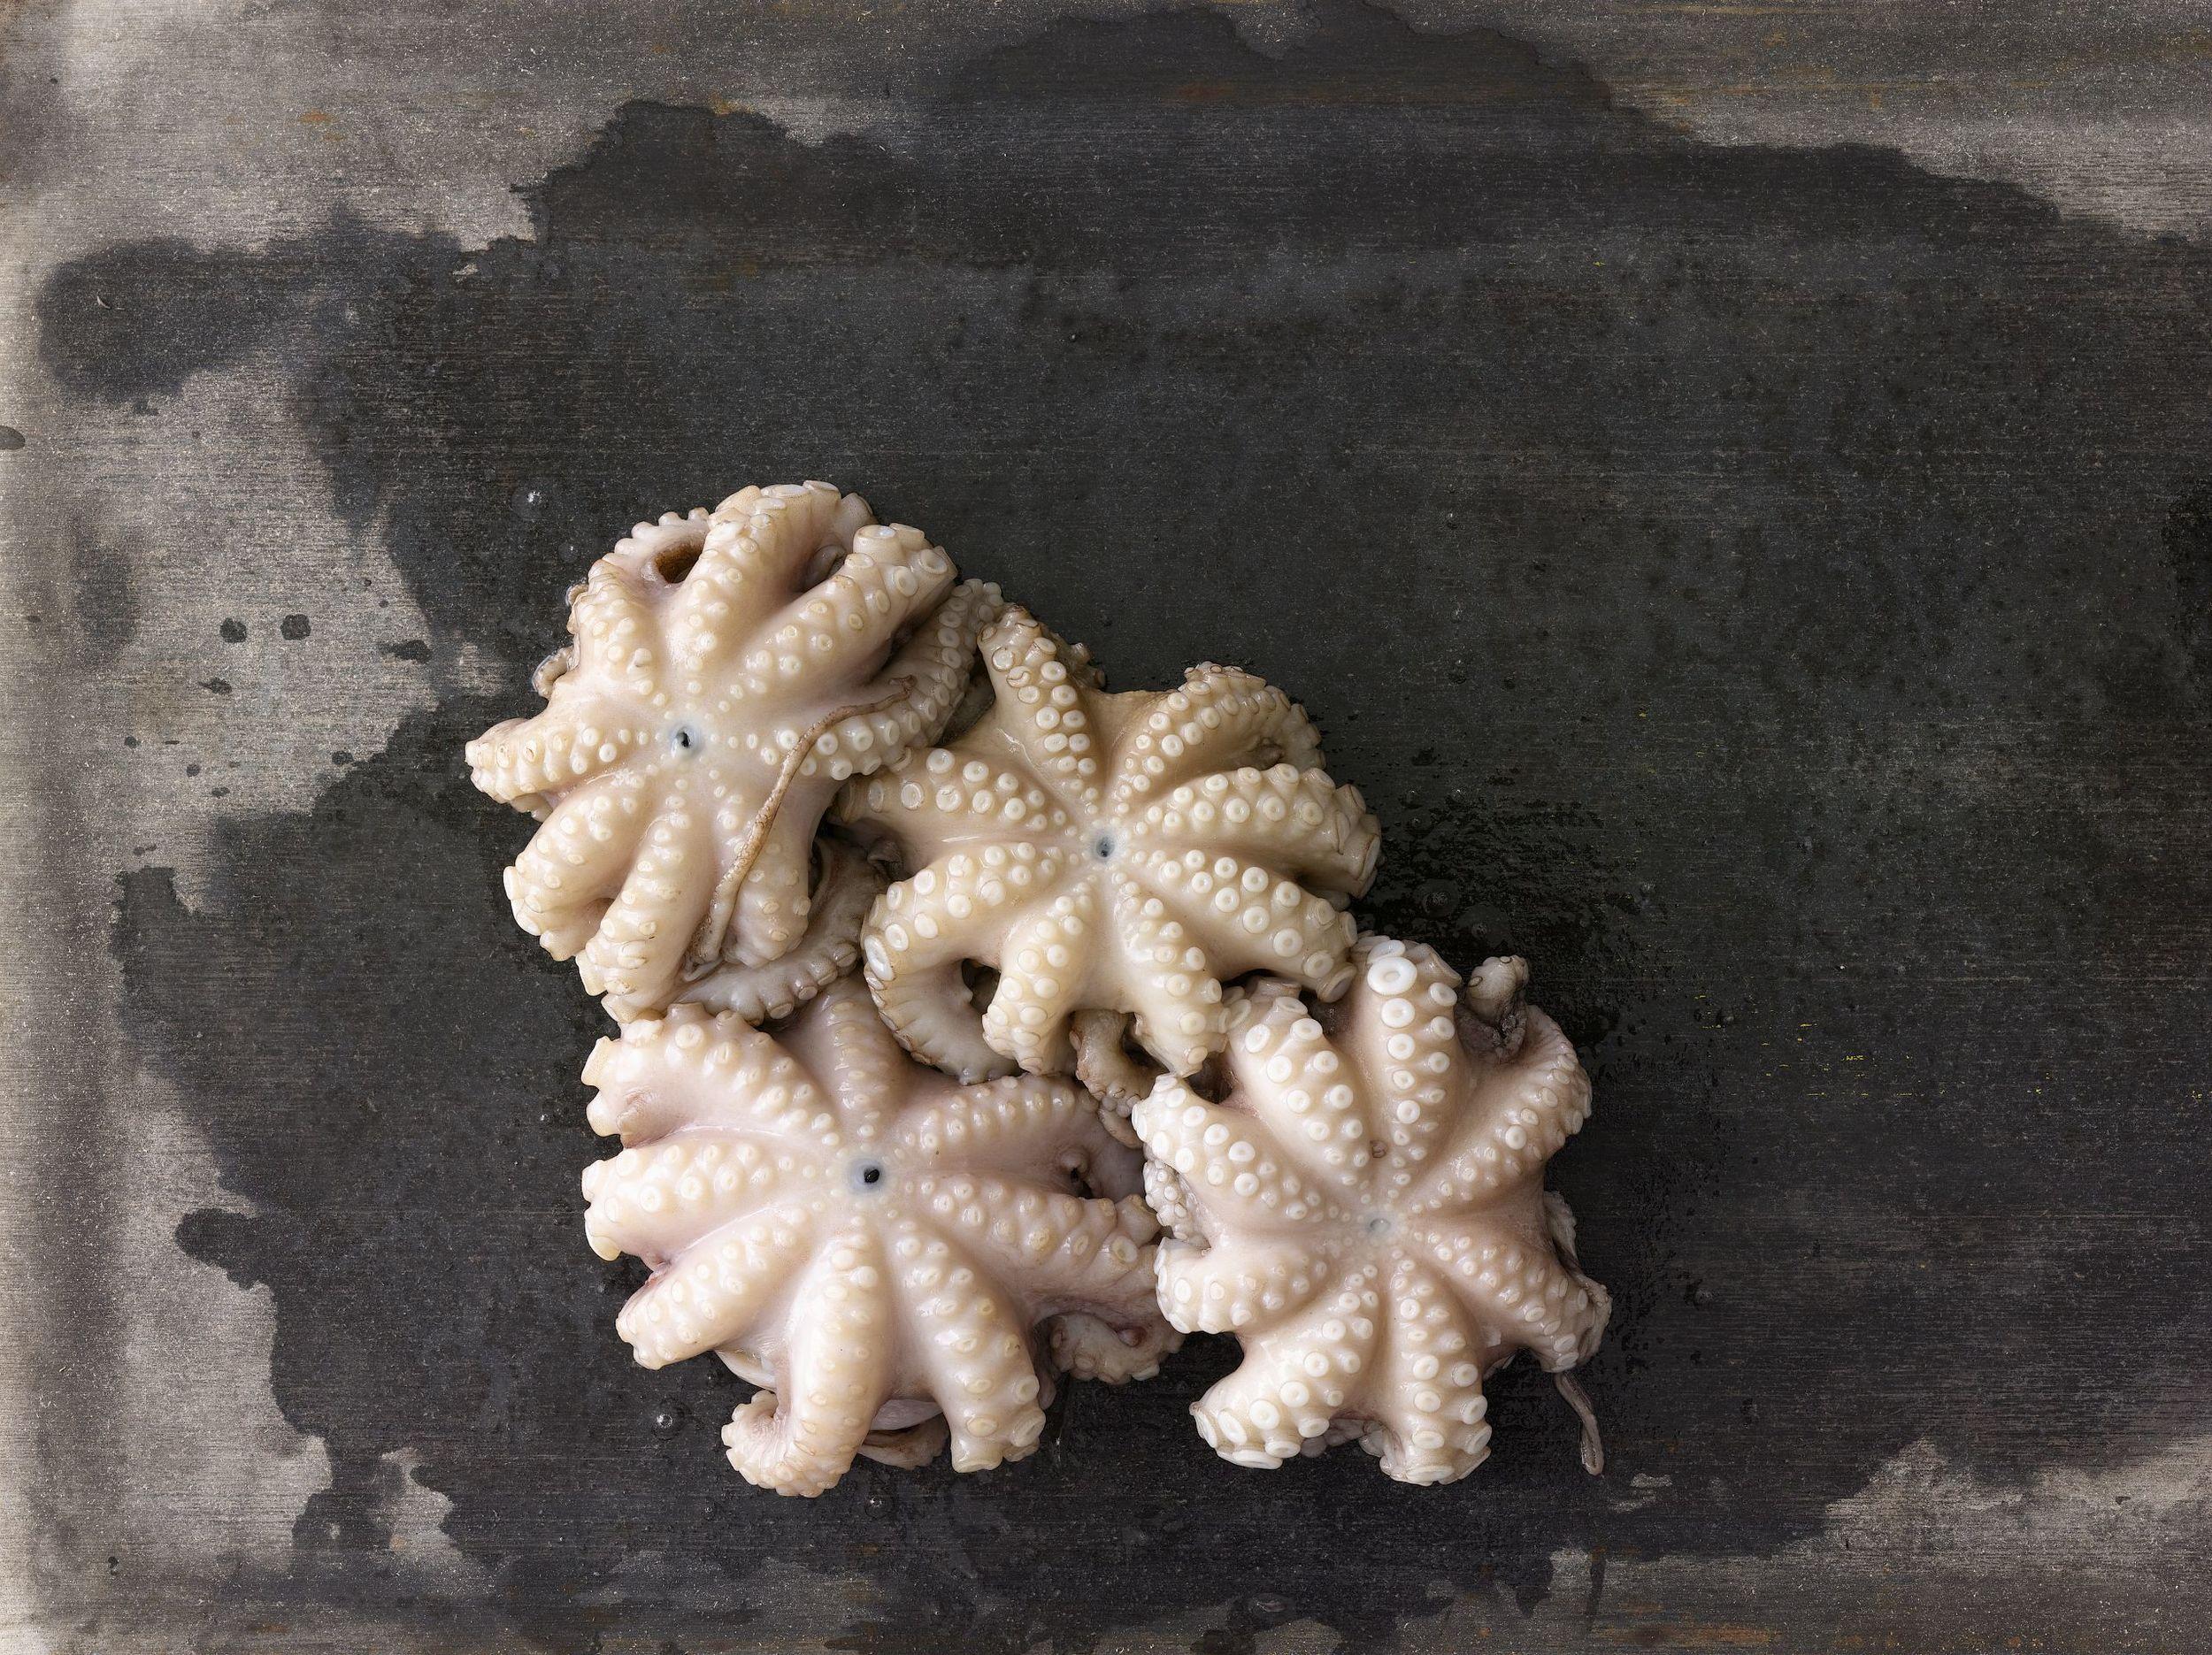 Octopus_043.jpg